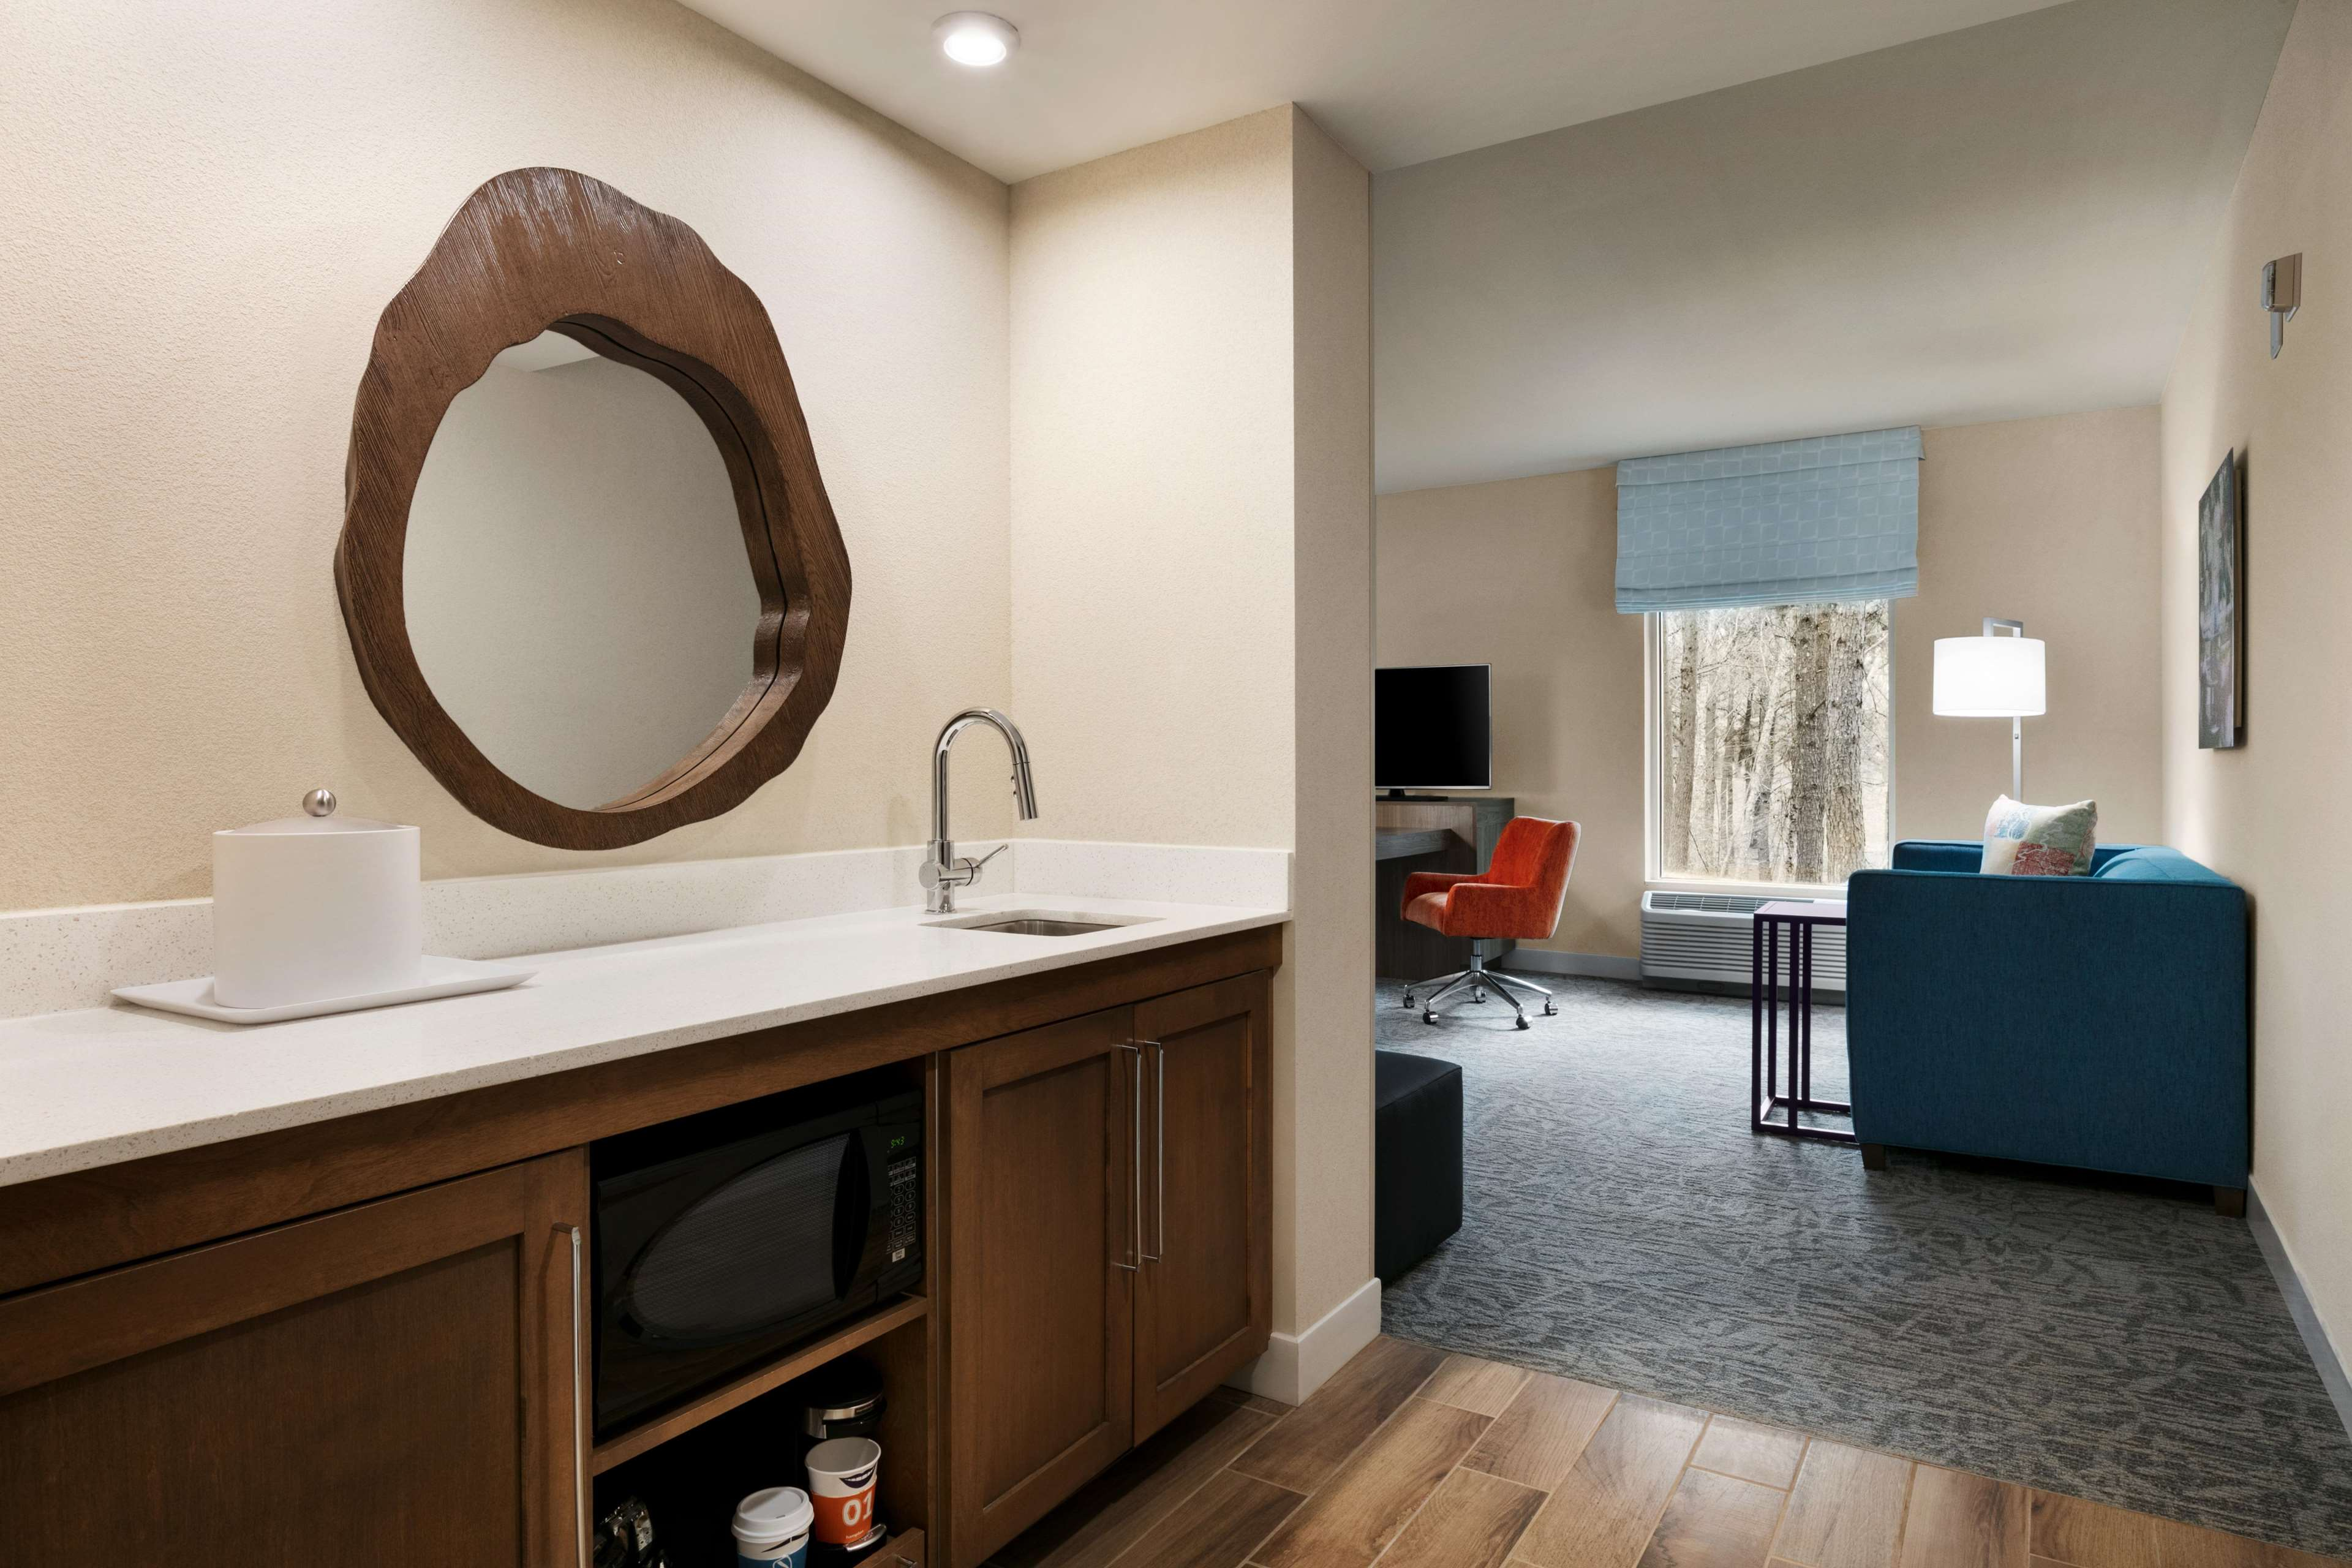 Hampton Inn and Suites Johns Creek image 18